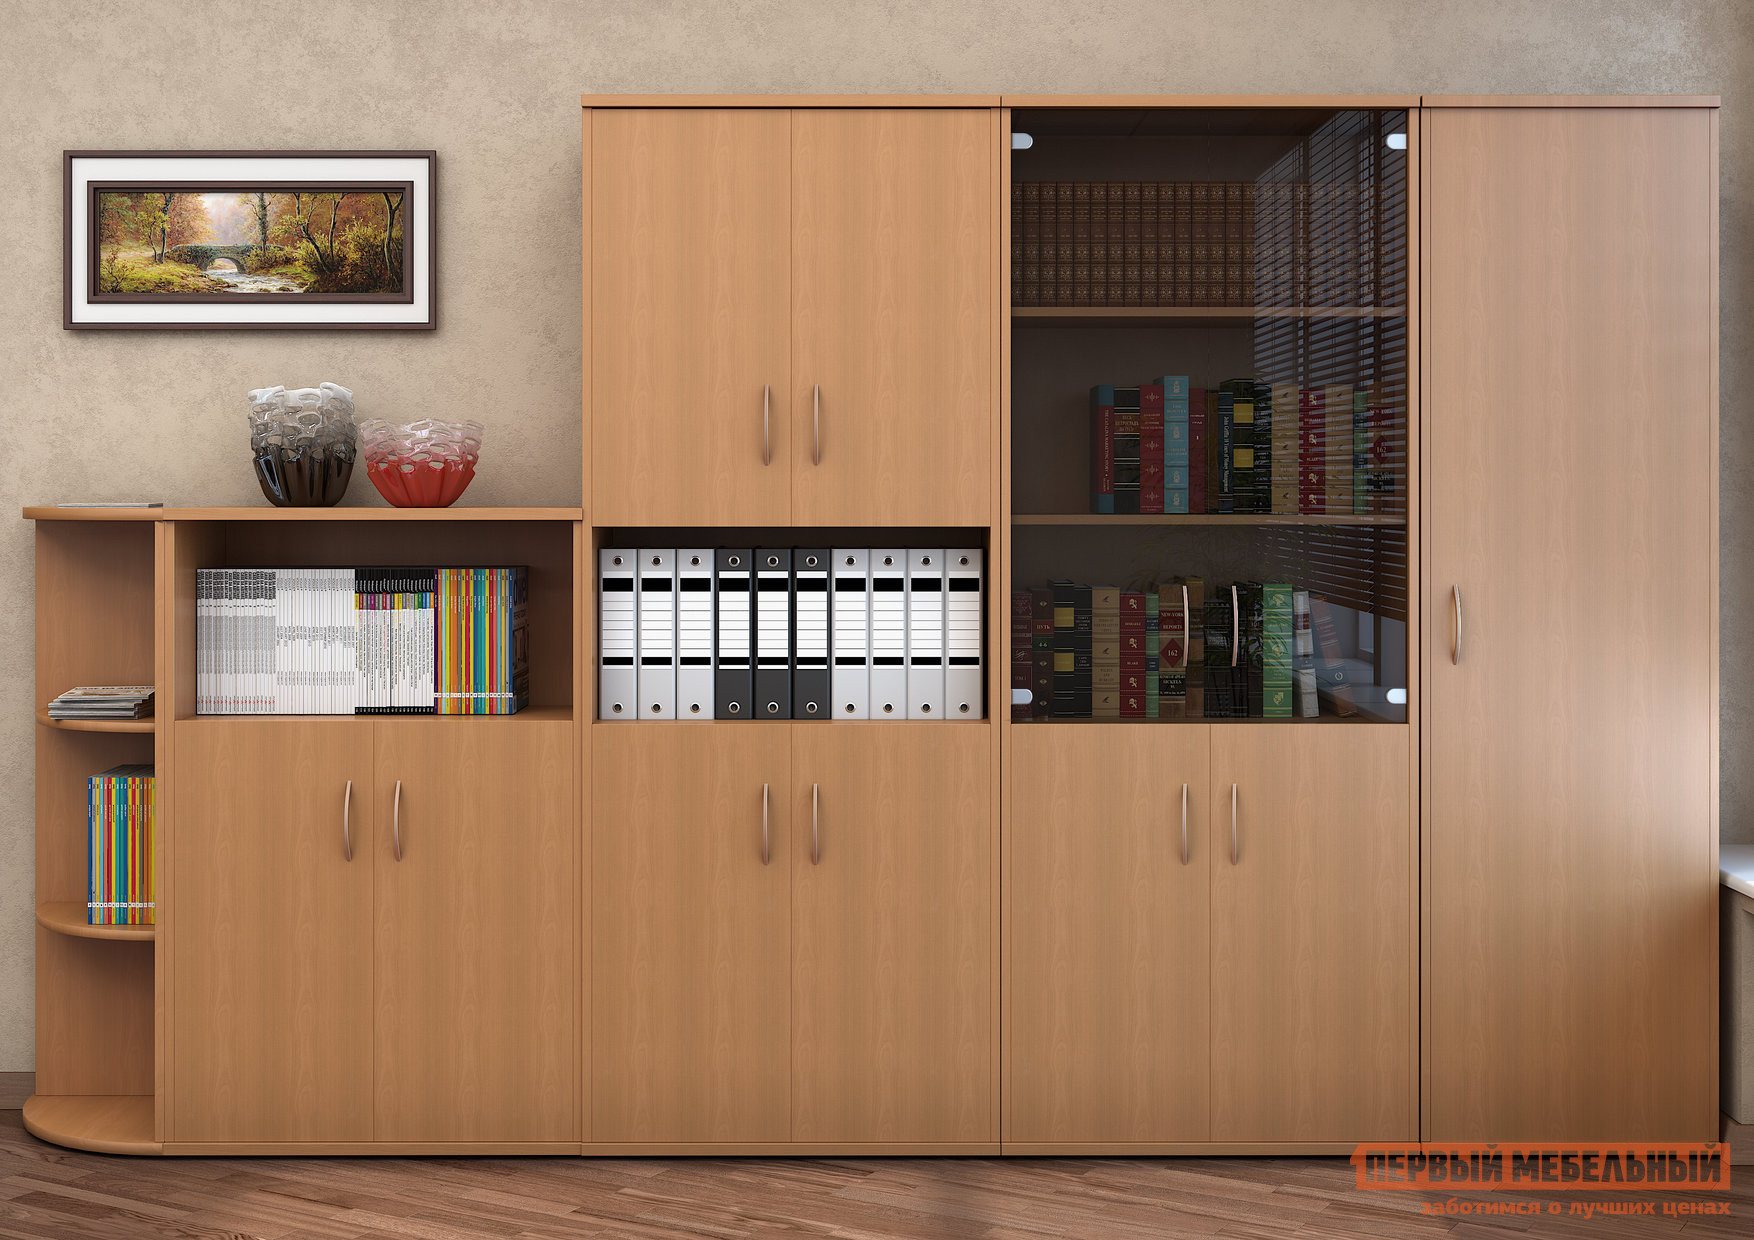 Комплект офисной мебели Riva Рива К2 комплект офисной мебели riva рива ресепшн к1